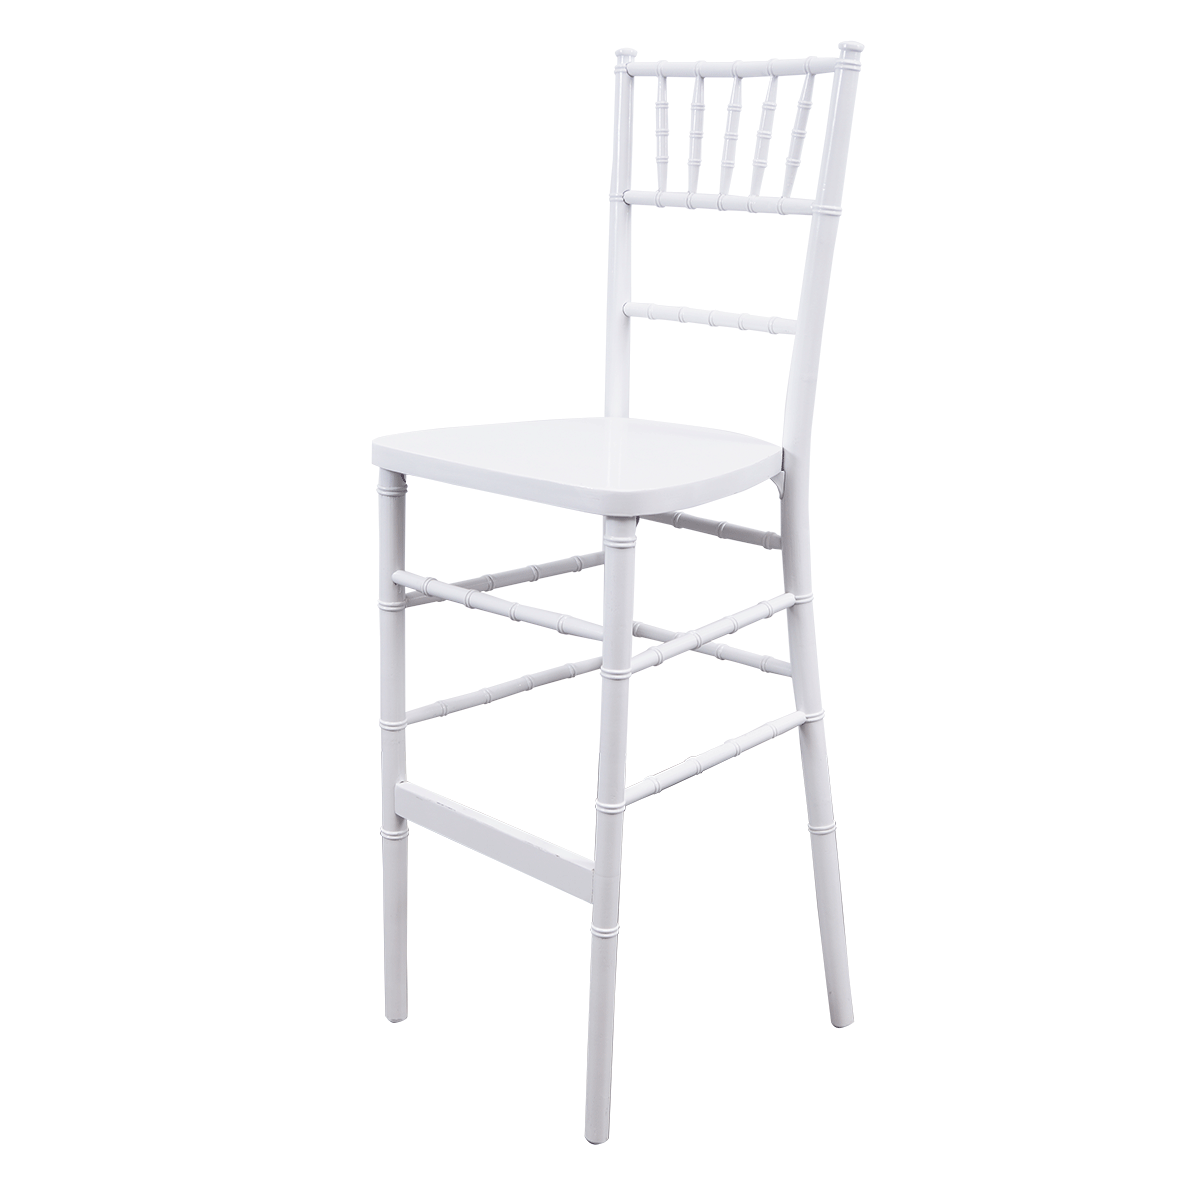 Barhocker, Chiavari, Holz, weiß, mit Sitzkissen